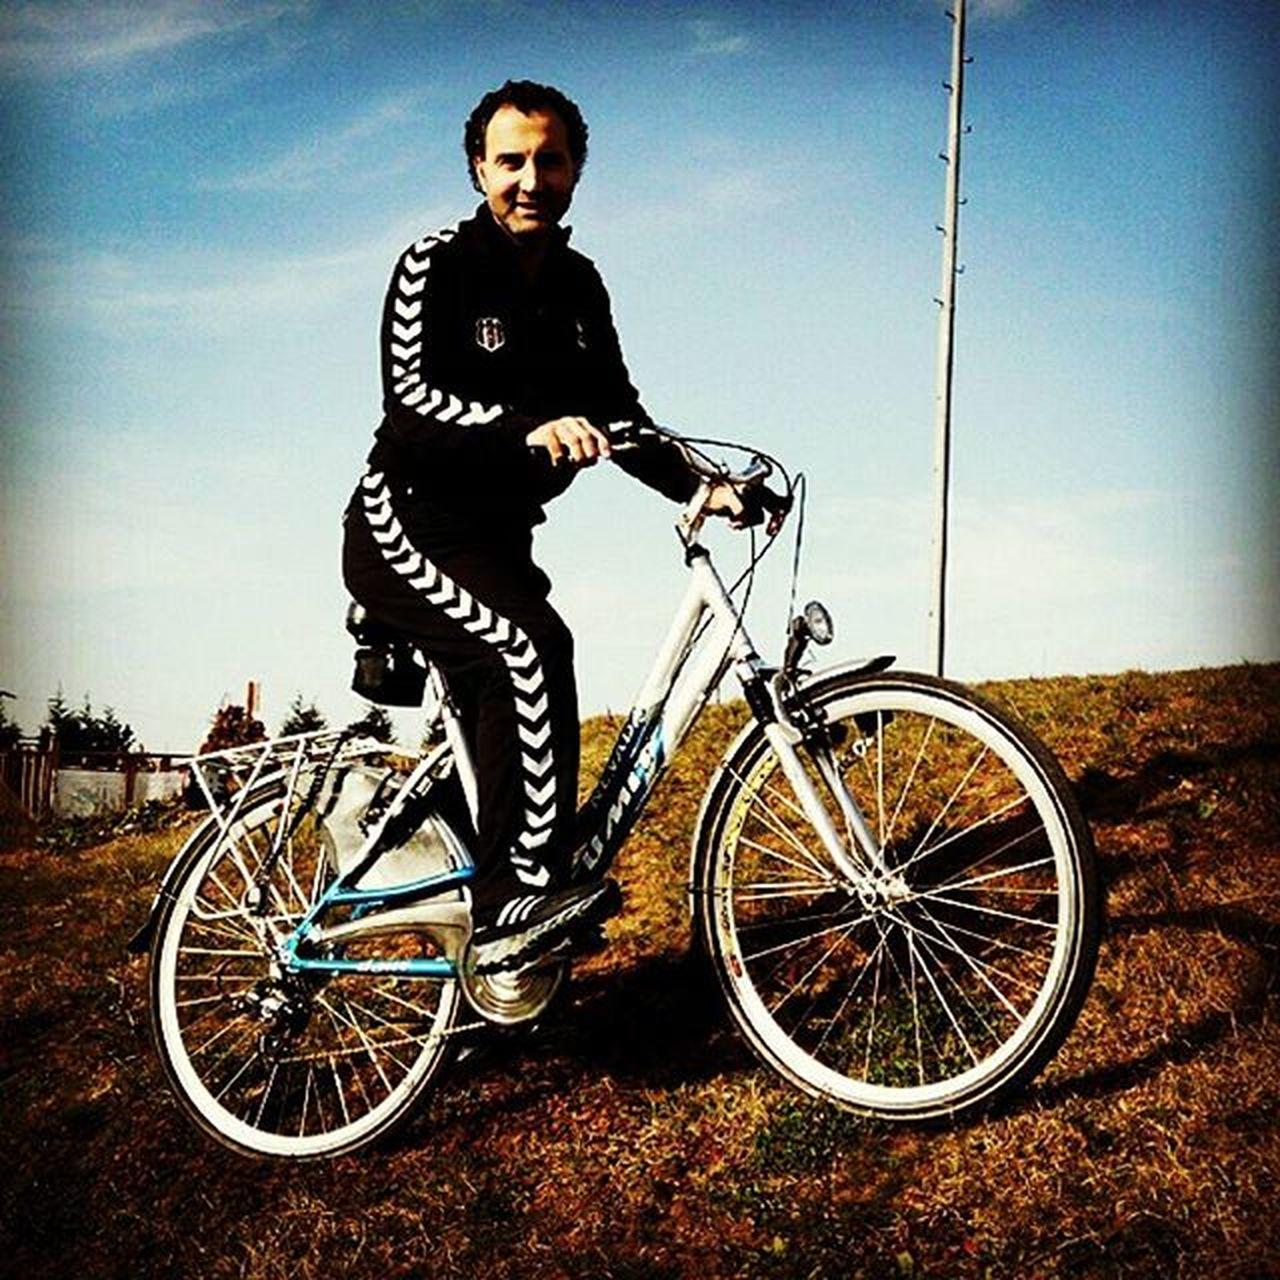 Bisikletimvben @vestel hayat bisikletle daha güzel